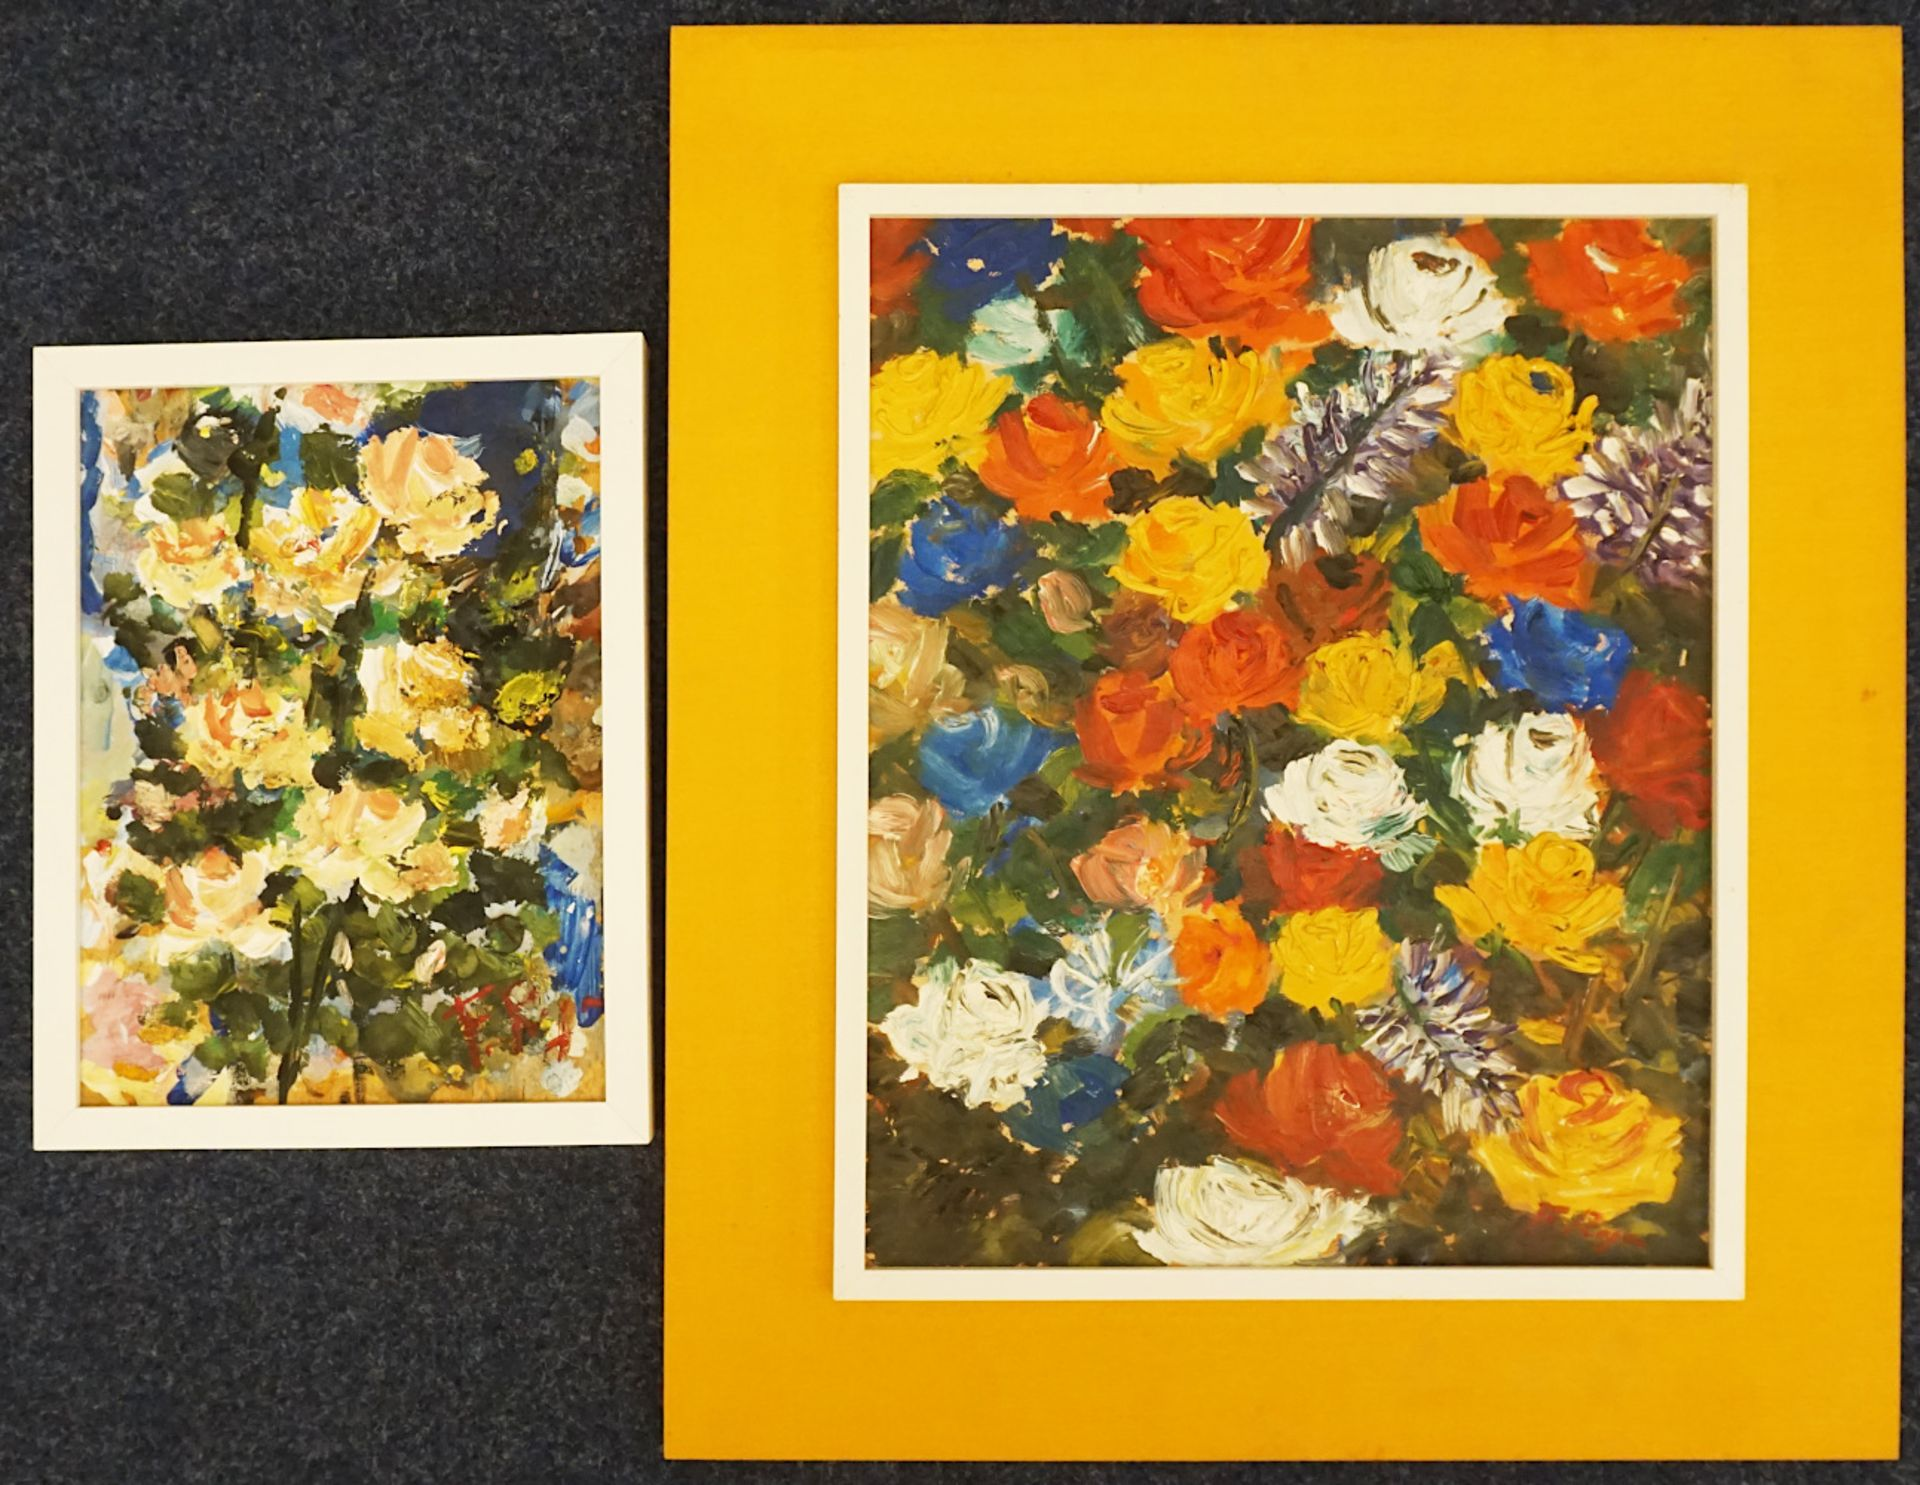 1 Konv. Ölgemälde 20. Jh. mit verschiedenen italienischen Künstlern und Motiven: z. - Bild 2 aus 3